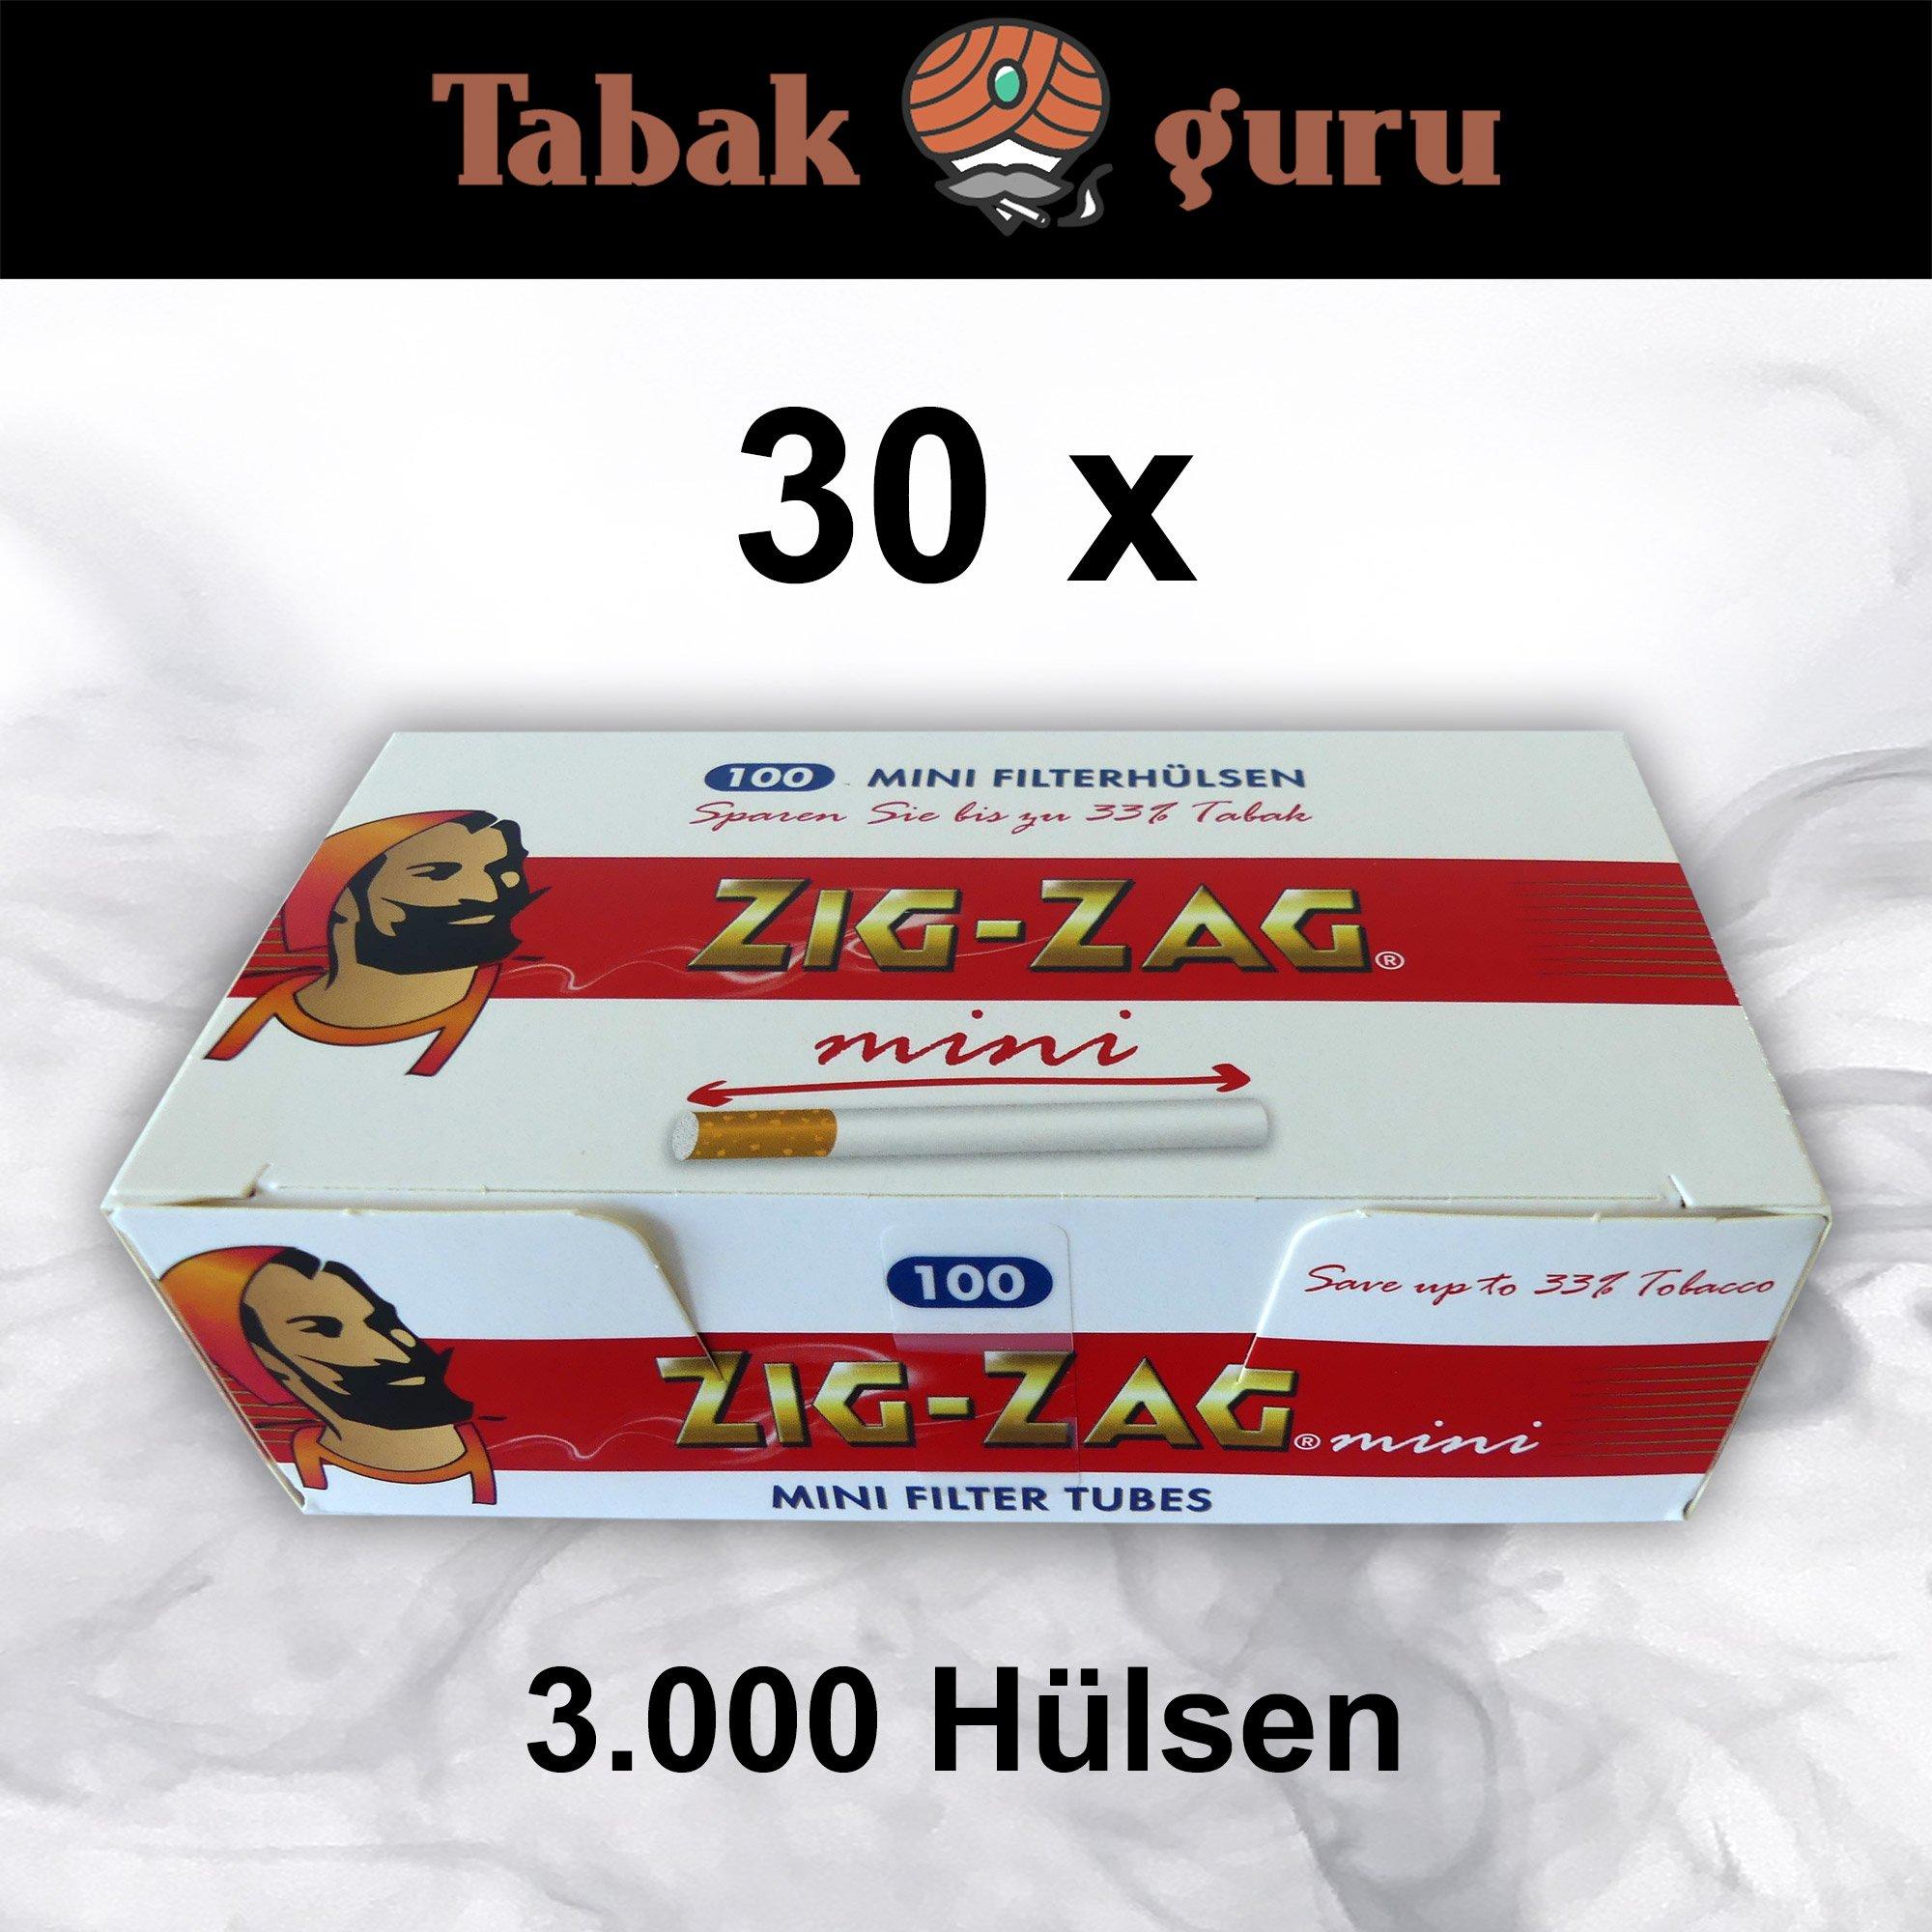 30 x 100 Zig-Zag Mini Filterhülsen